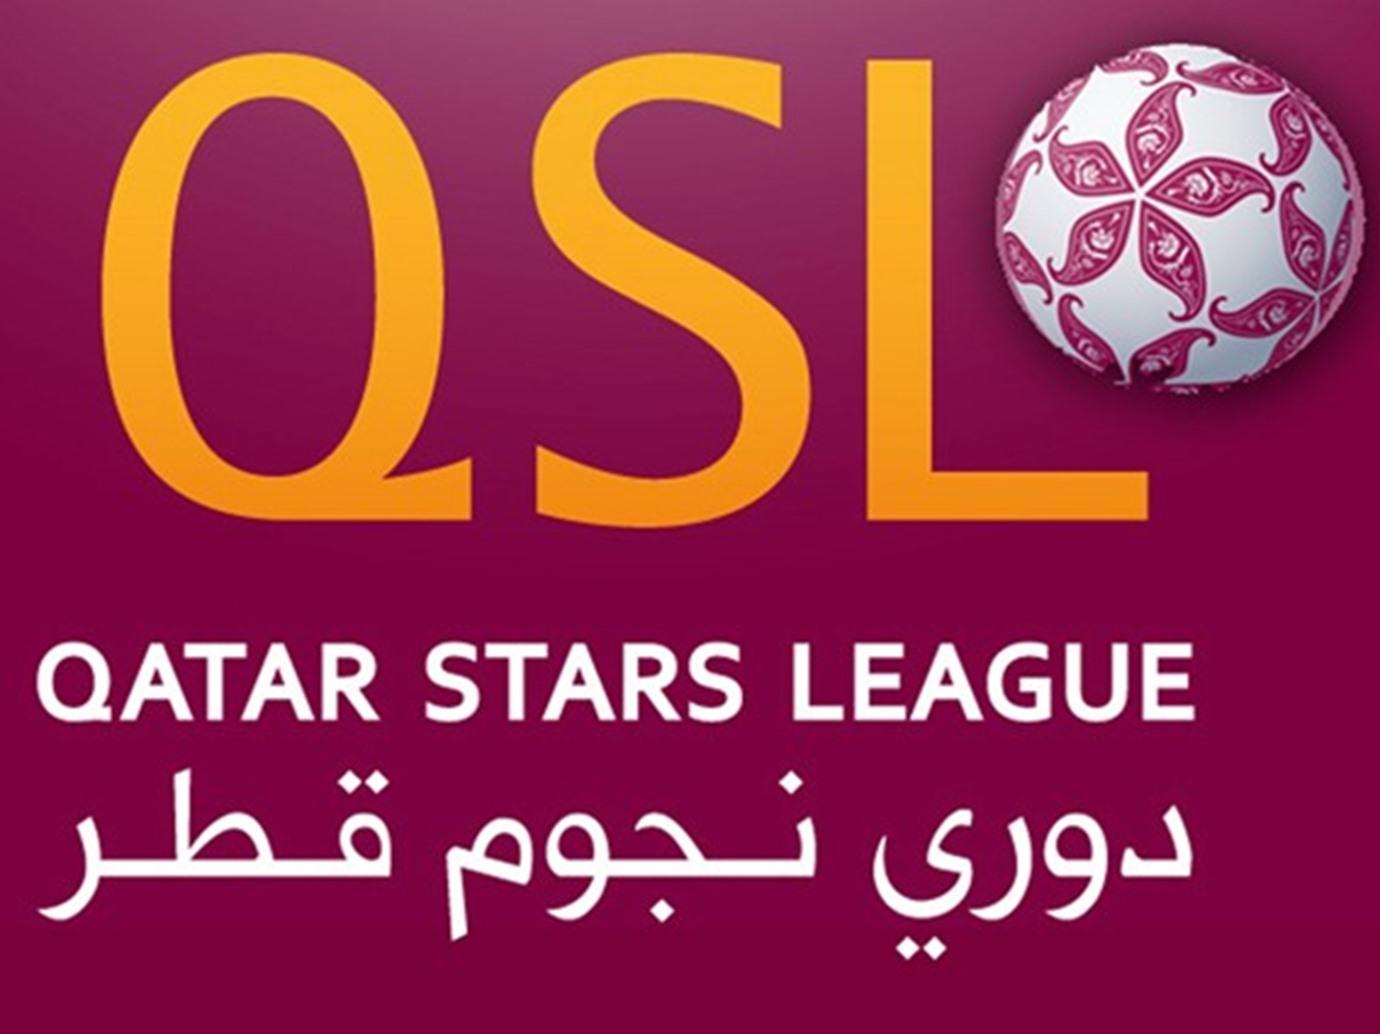 موعد مباراة الدحيل والشحانية اليوم الخميس 02-05-2019 في مباريات دوري نجوم قطر